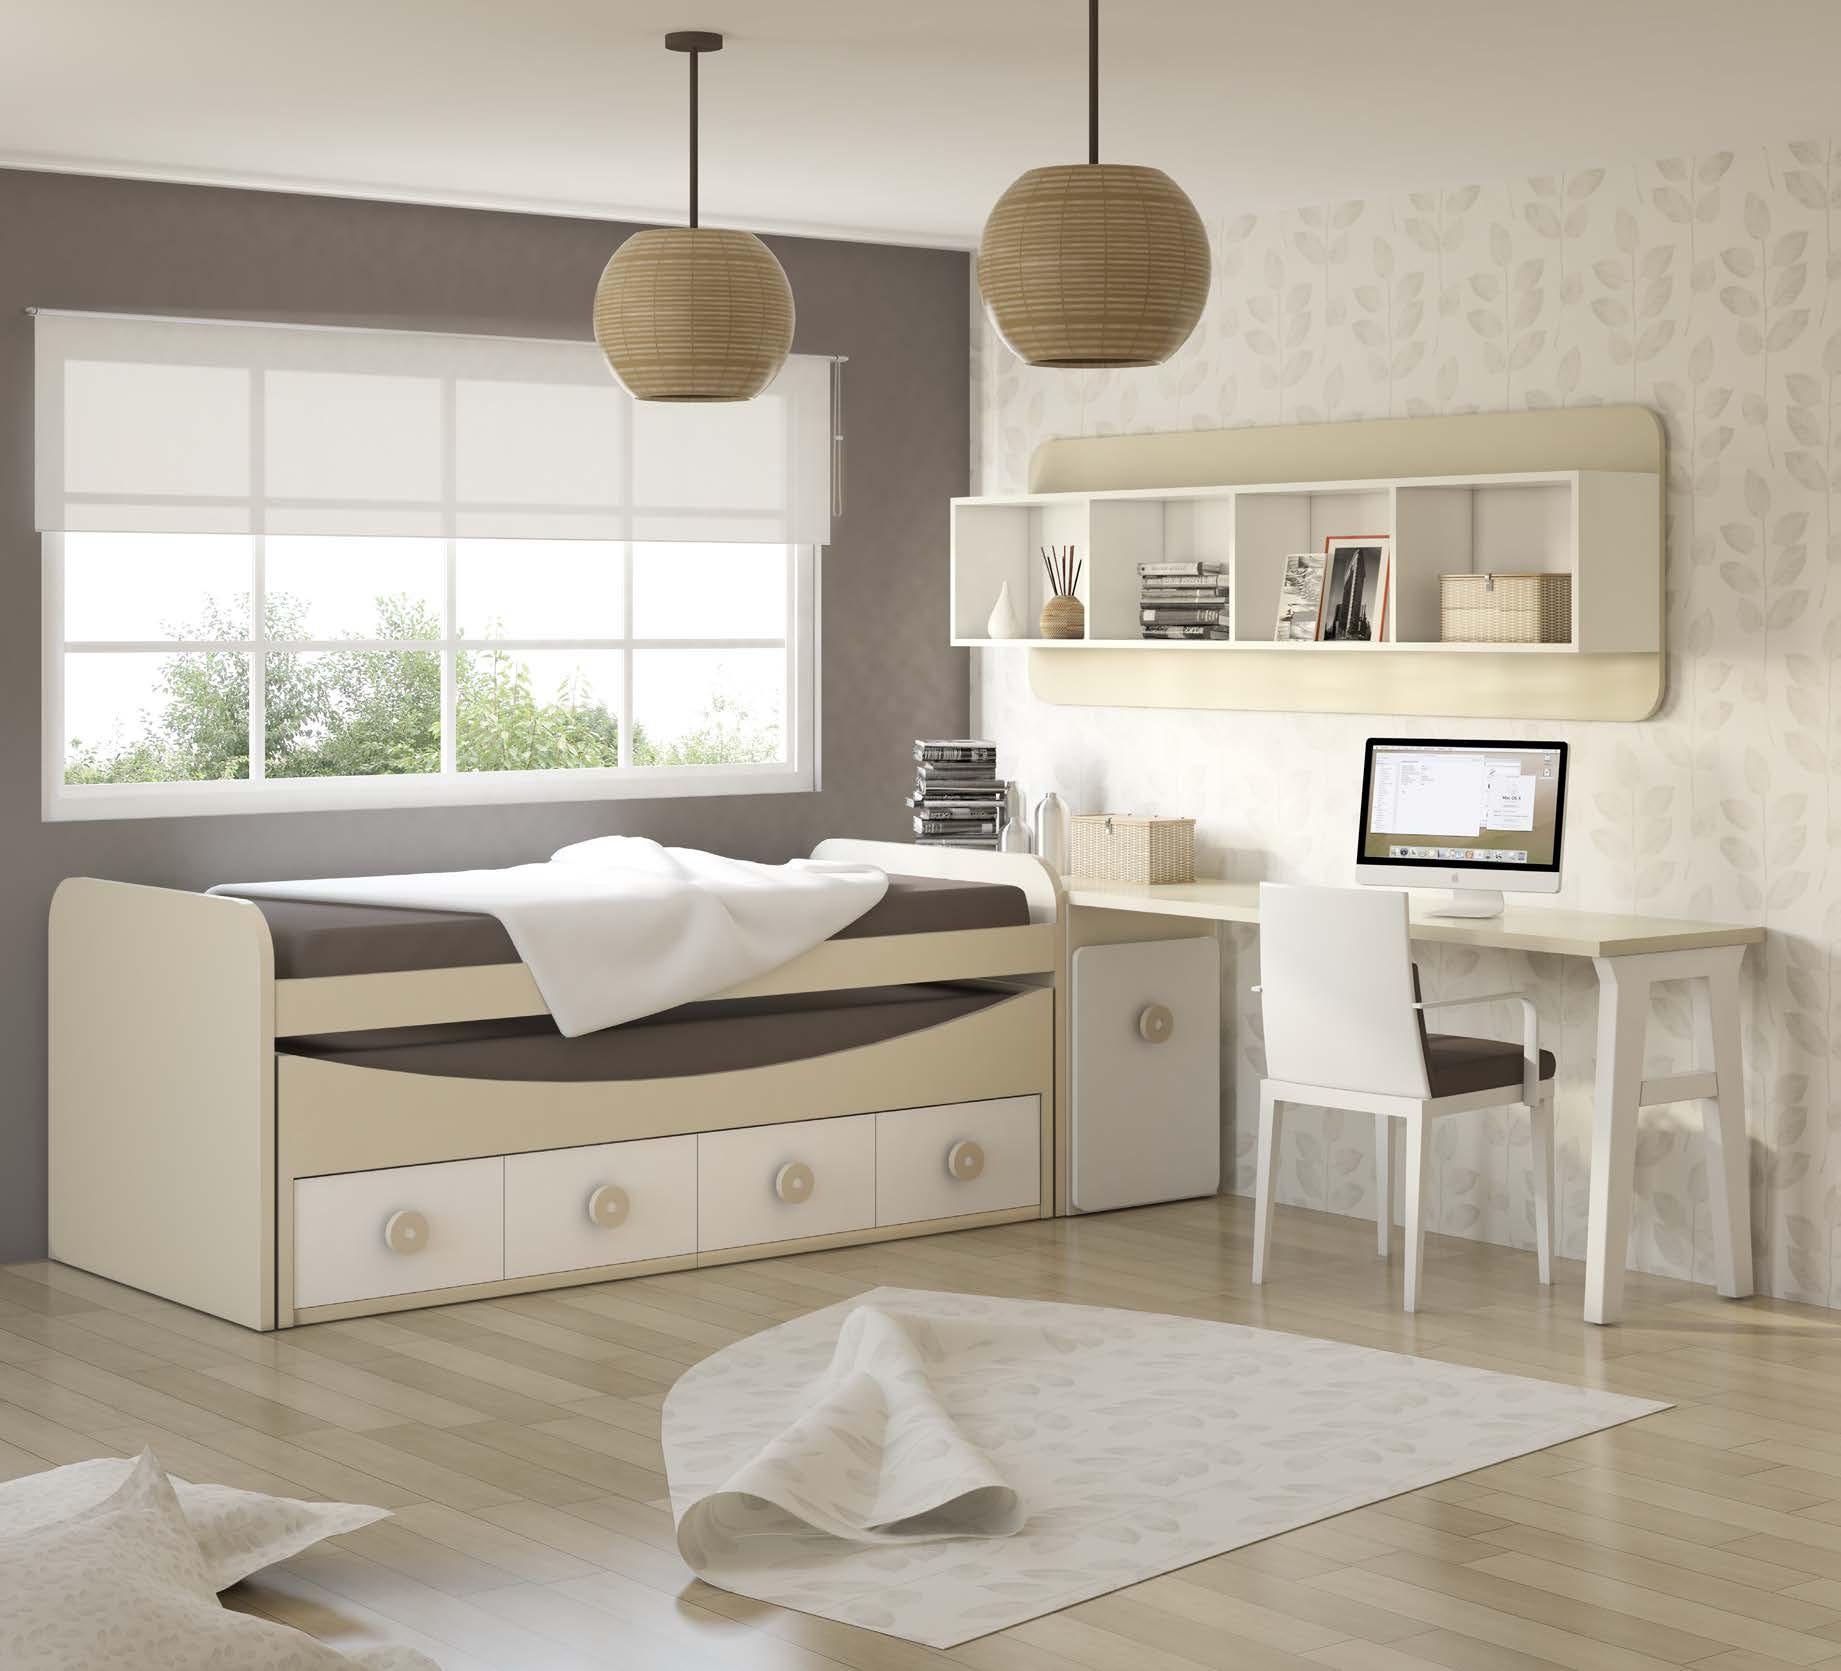 compactos-Happy-muebles-paco-caballero-509-5c952710dd388